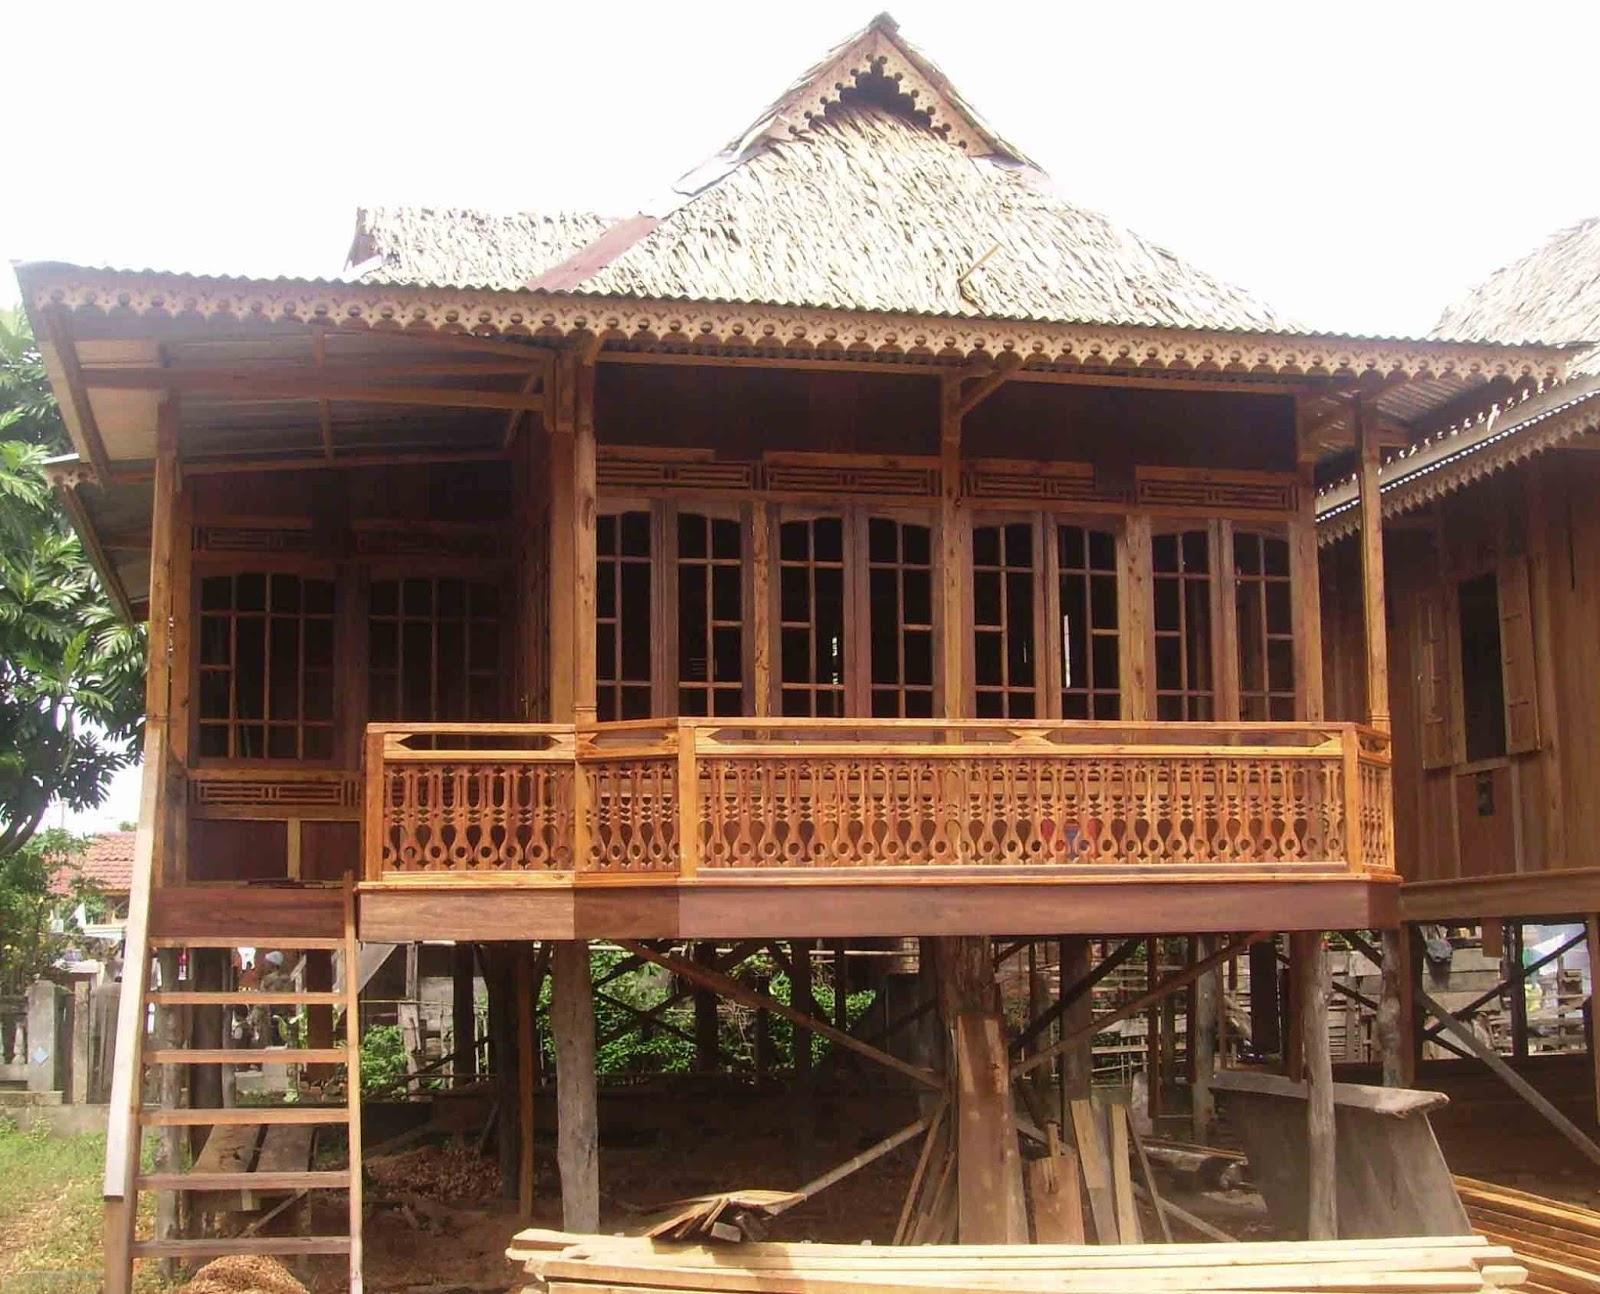 Jual Rumah kayu Di Jawa Timur Disain Fleksibel